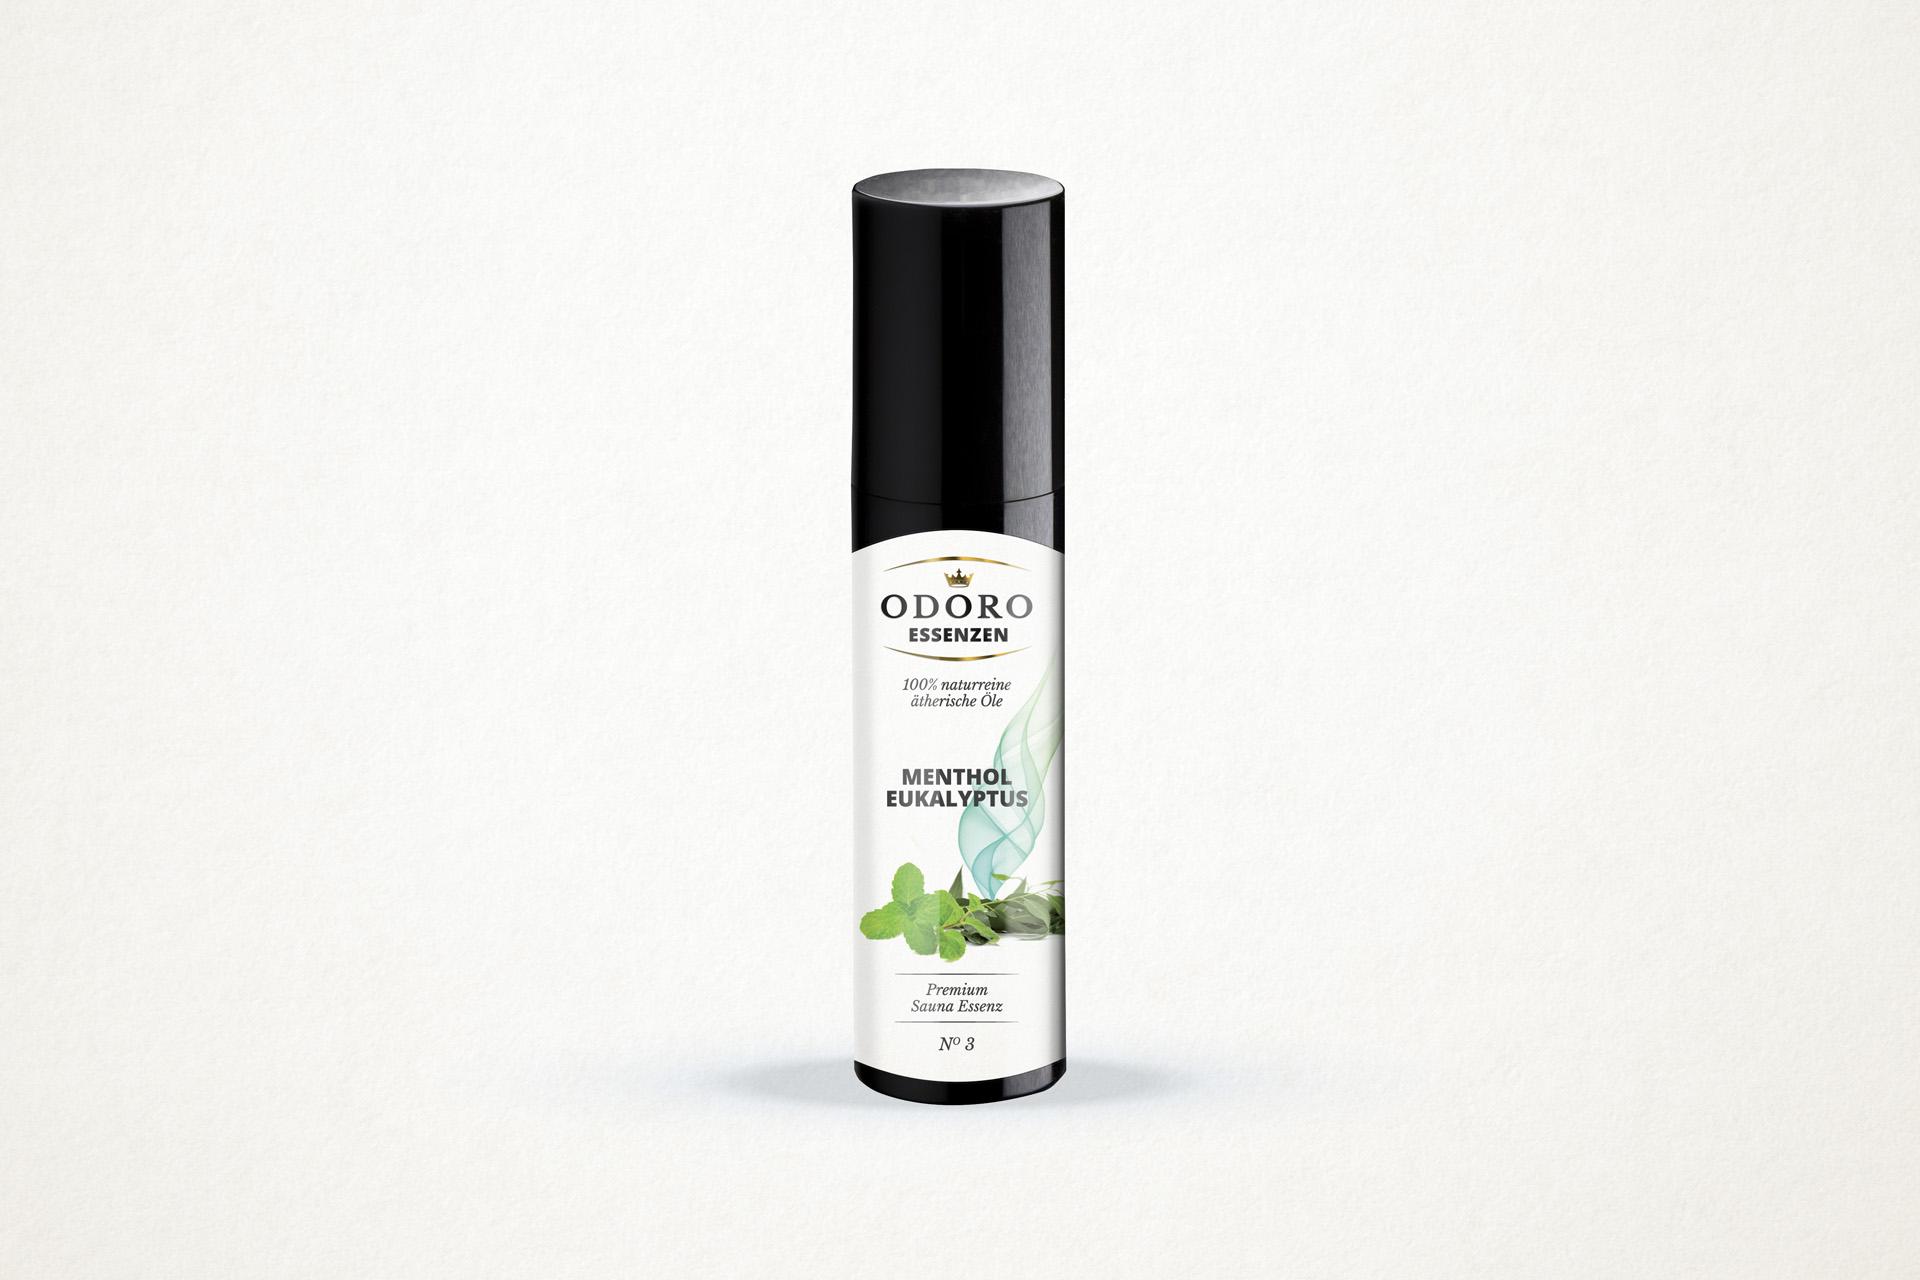 Saunaaufguss Menthol Eukalyptus